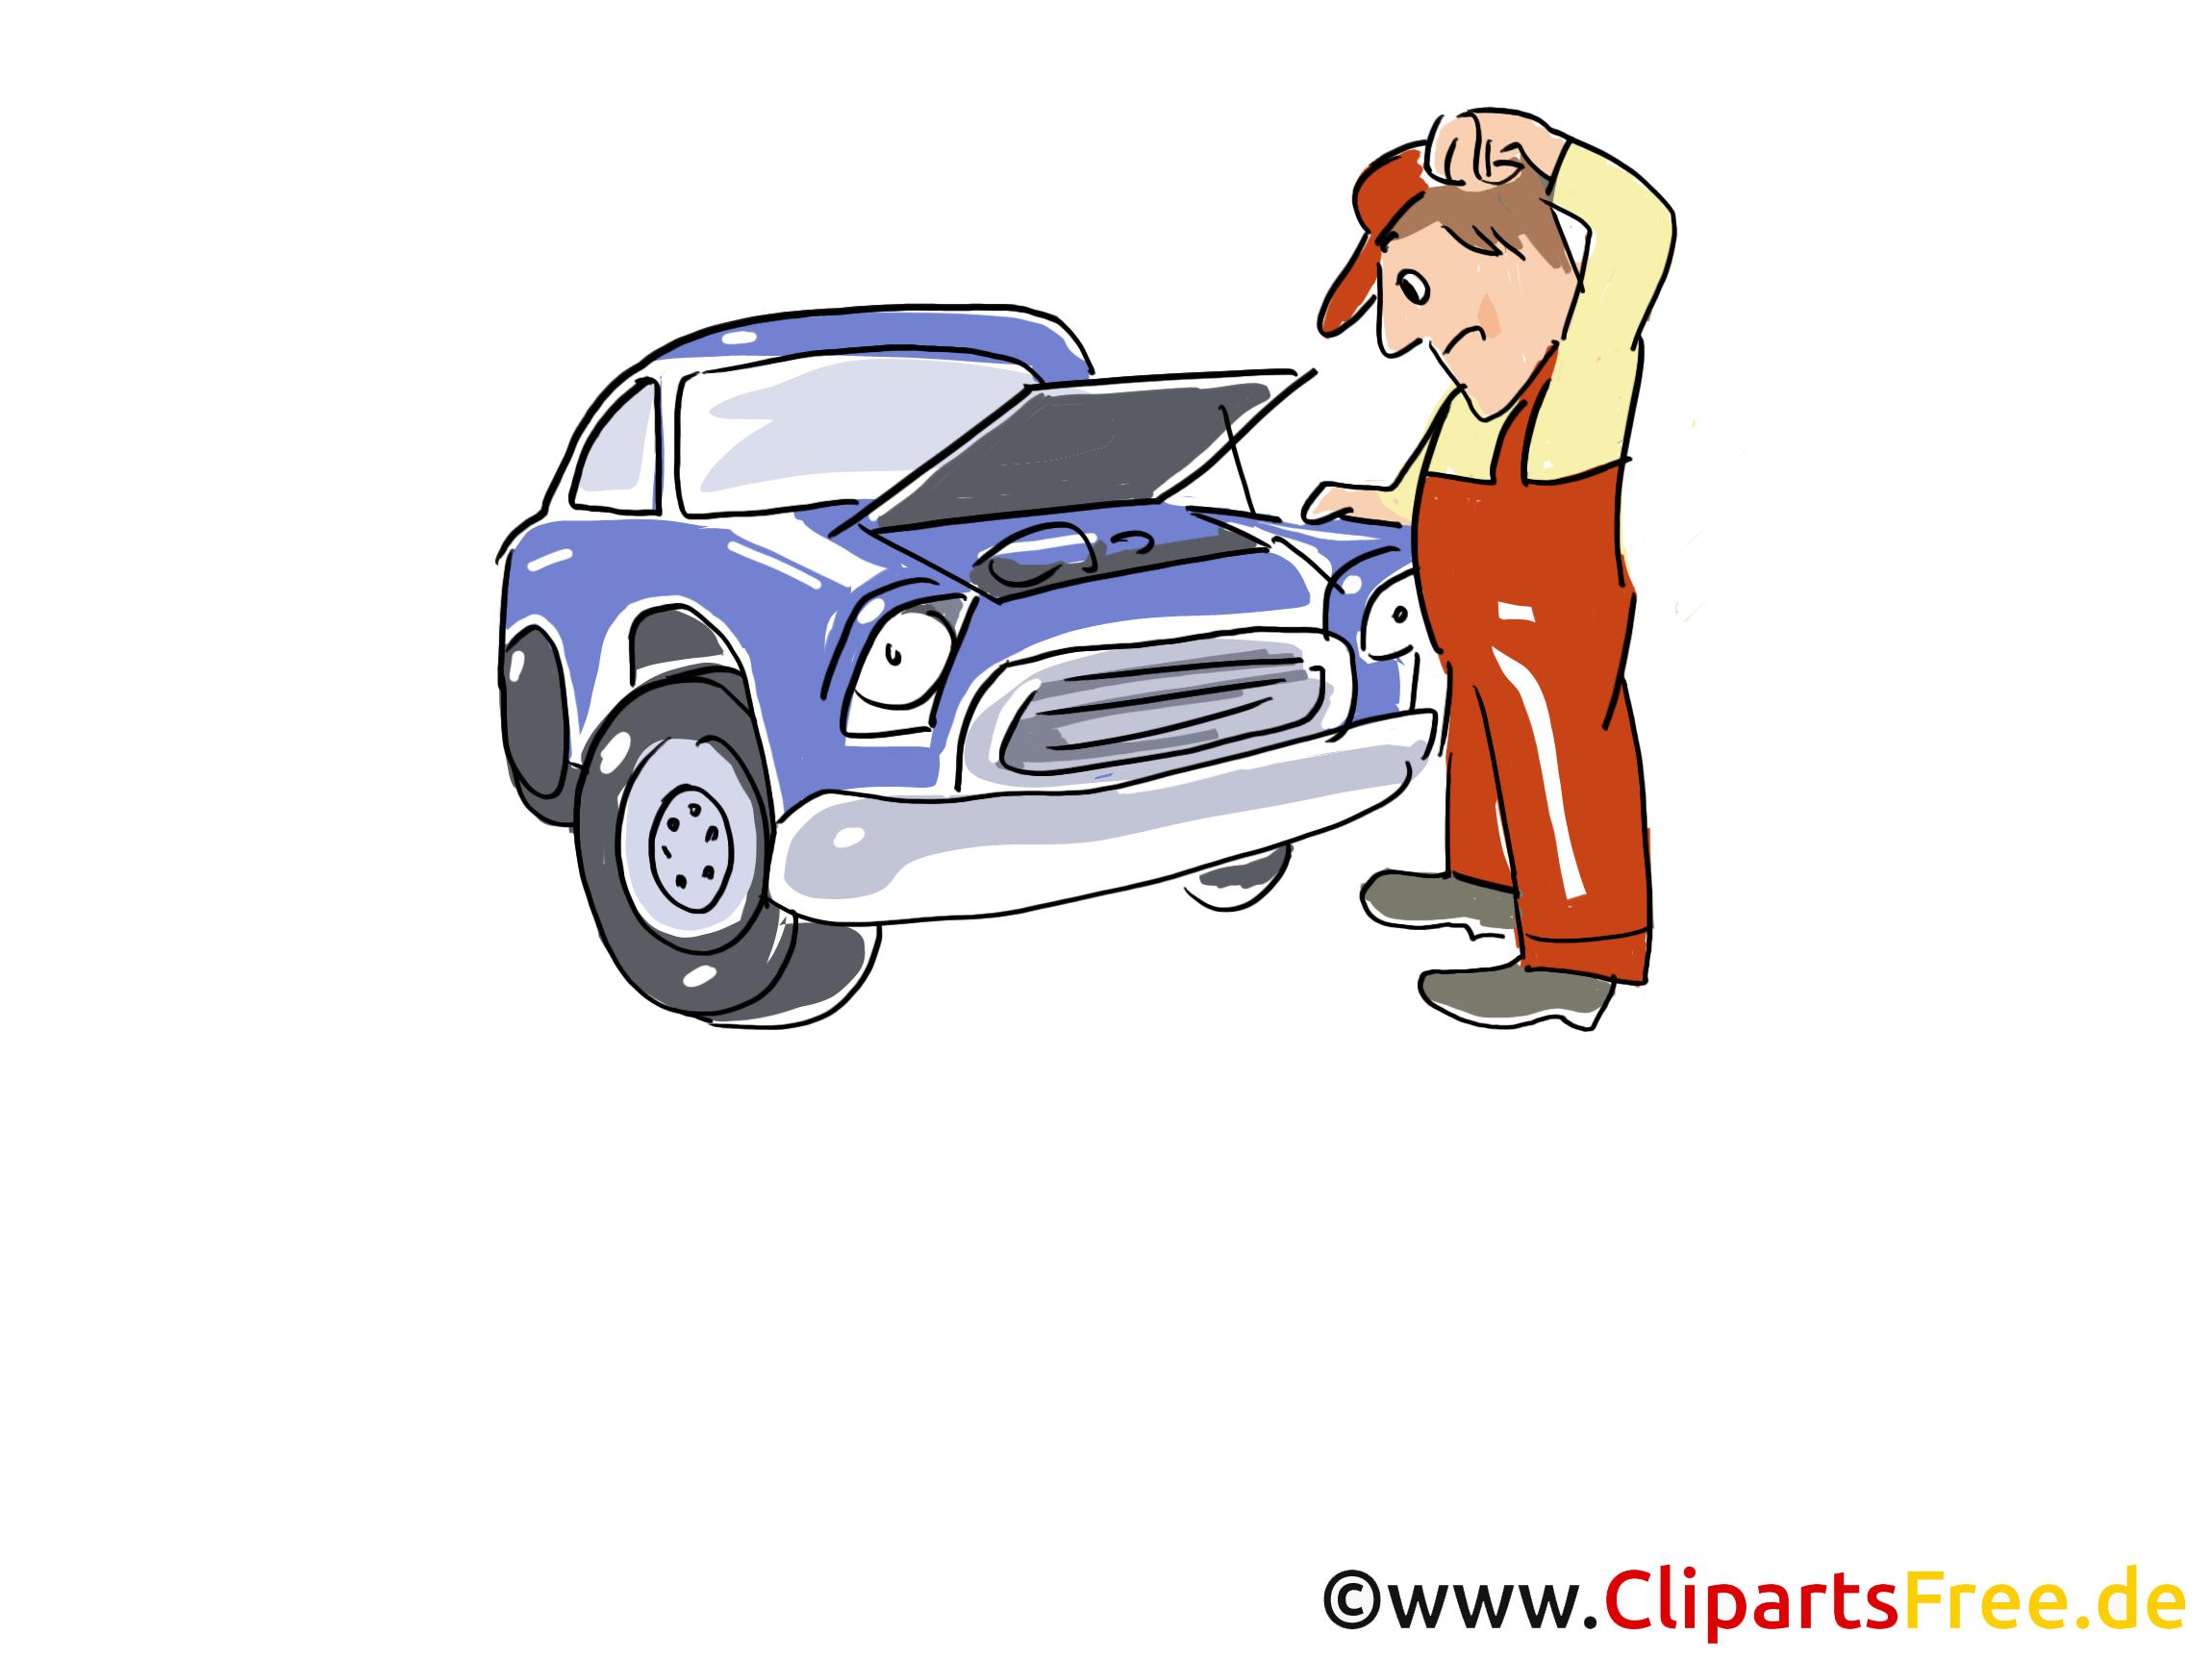 Kraftfahrzeug in Werkstatt Clipart, Bild, Grafik, Cartoon, Illustration gratis